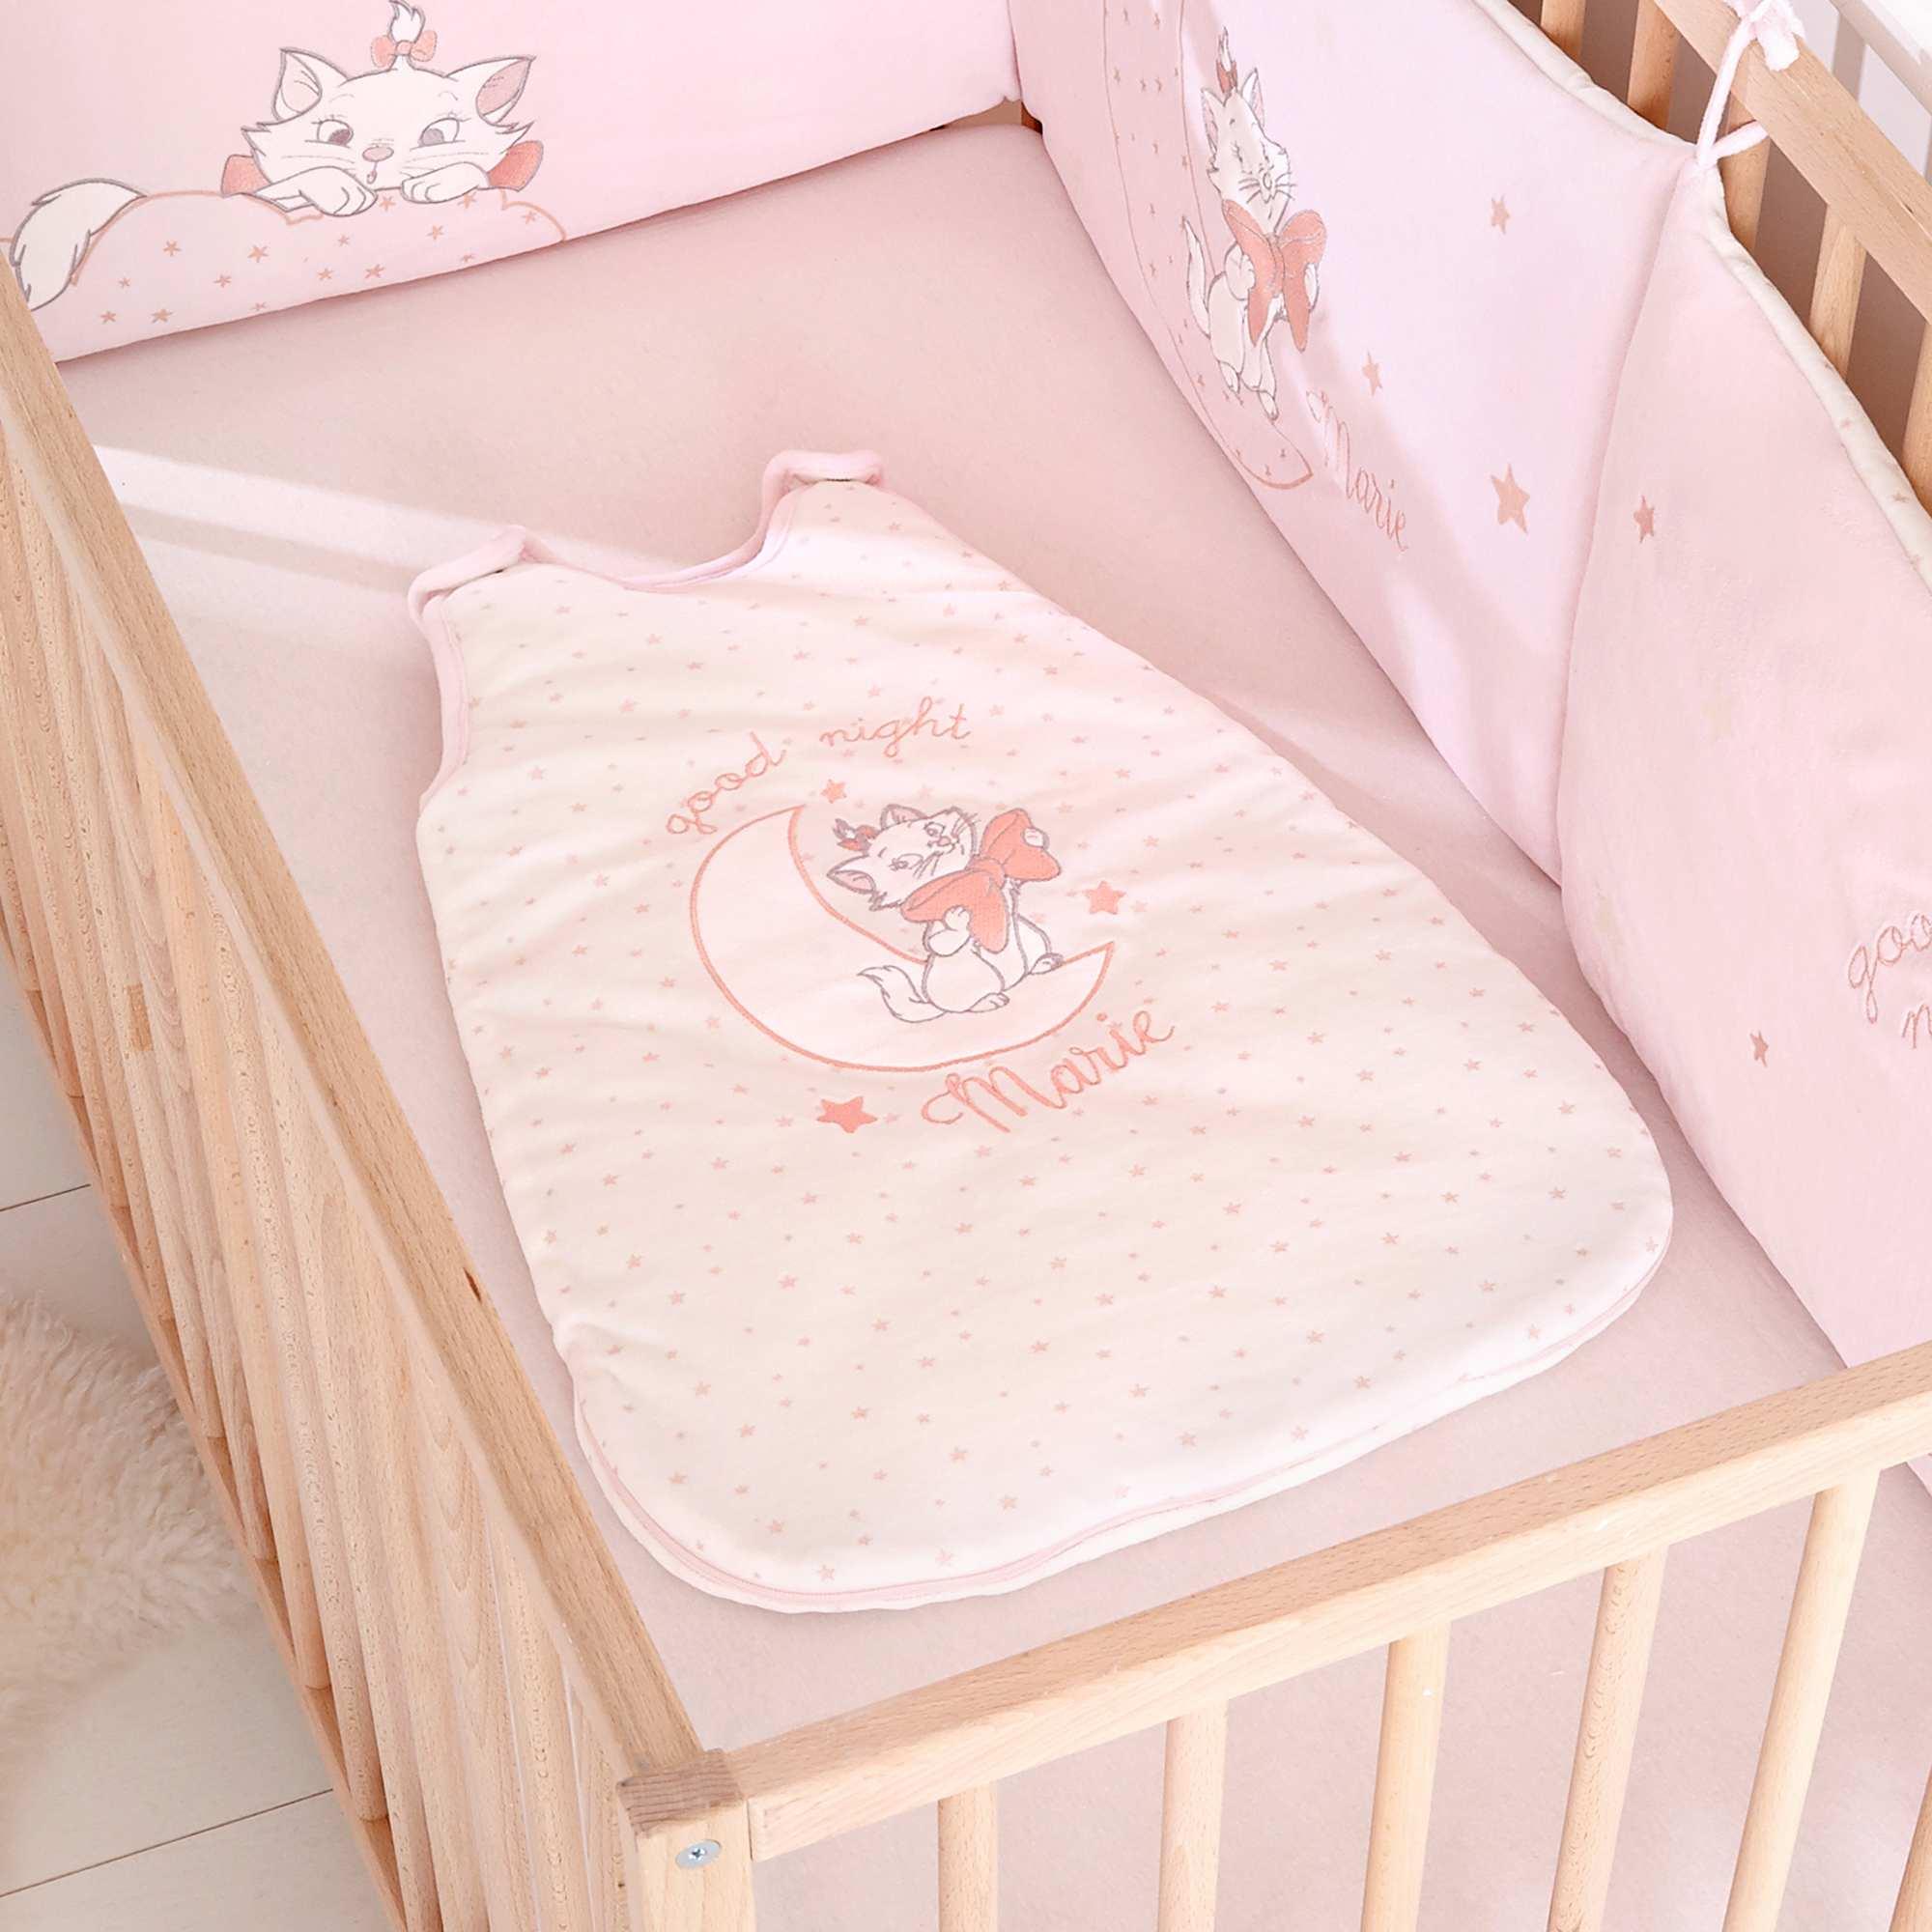 Couleur : rose pâle, blanc, ,, - Taille : 0/6M, 6/24M, ,,Moelleux et tout doux, 'marie' des 'Aristochats' gardera votre petit ange bien au chaud